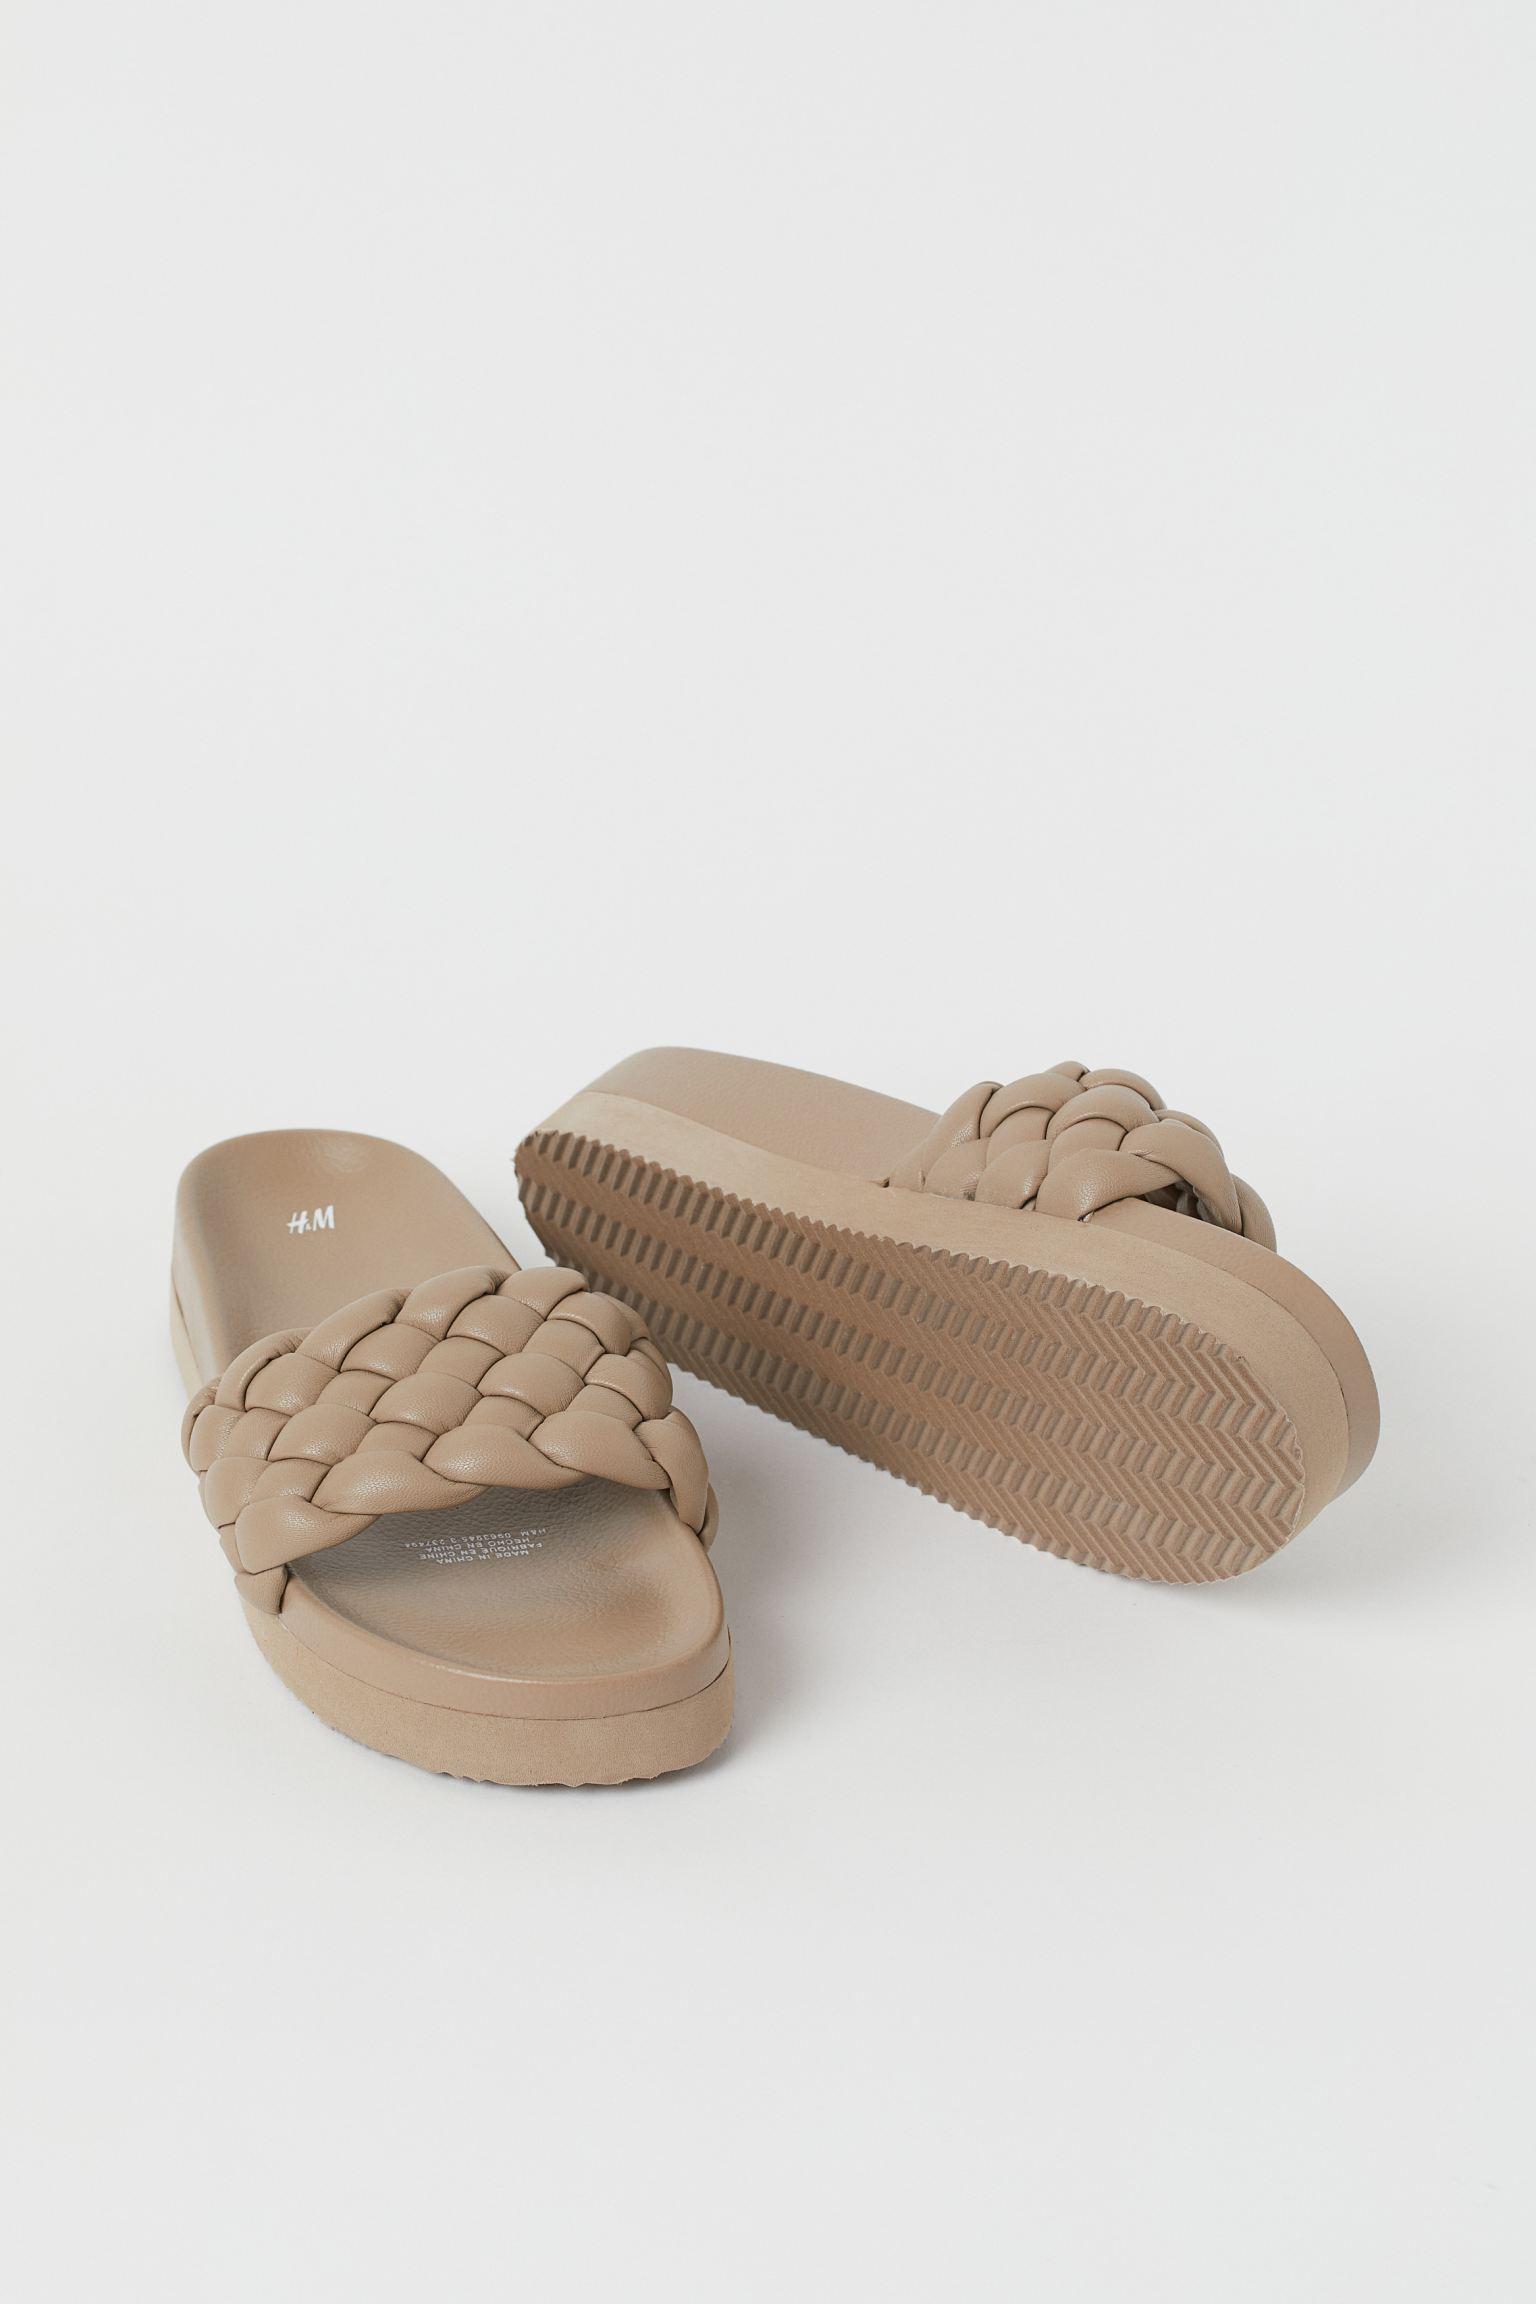 Sandalias en piel sintética con tira trenzada